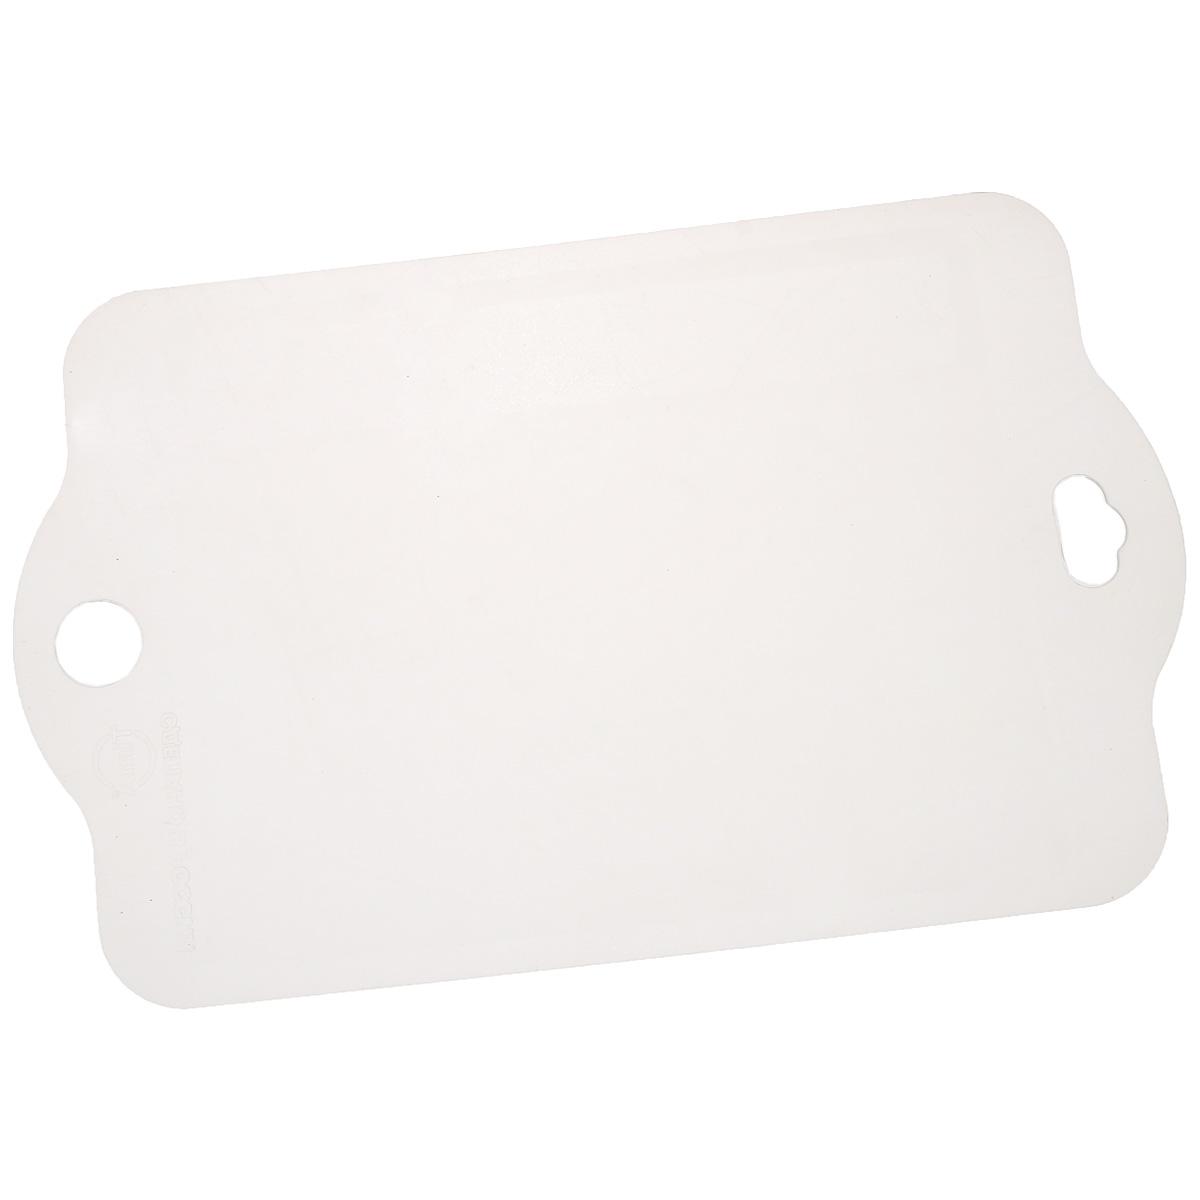 Доска разделочная TimA, 41 см х 26 см54 009312Гибкая разделочная доска TimA, изготовленная из высококачественного пластика, займет достойное место среди аксессуаров на вашей кухне. Благодаря гибкости, с доски удобно высыпать нарезанные продукты. Она не тупит металлические и керамические ножи. Не впитывает влагу и легко моется. Обладает исключительной прочностью и износостойкостью.Доска TimA прекрасно подойдет для нарезки любых продуктов.